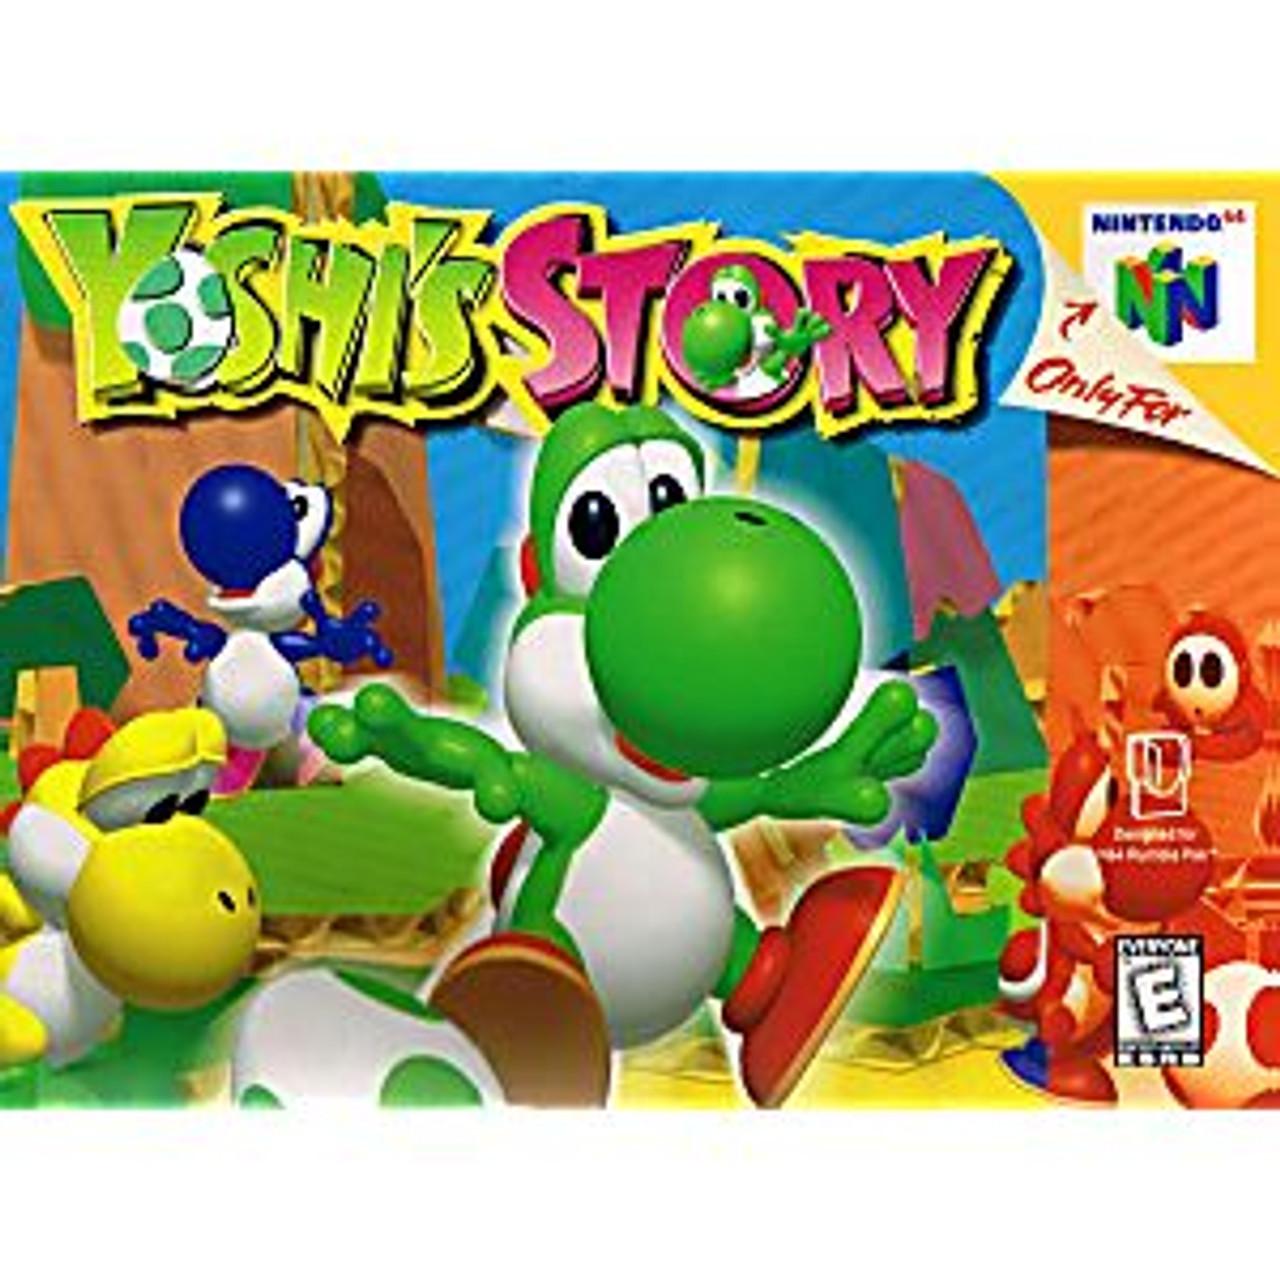 YOSHIS STORY  - N64